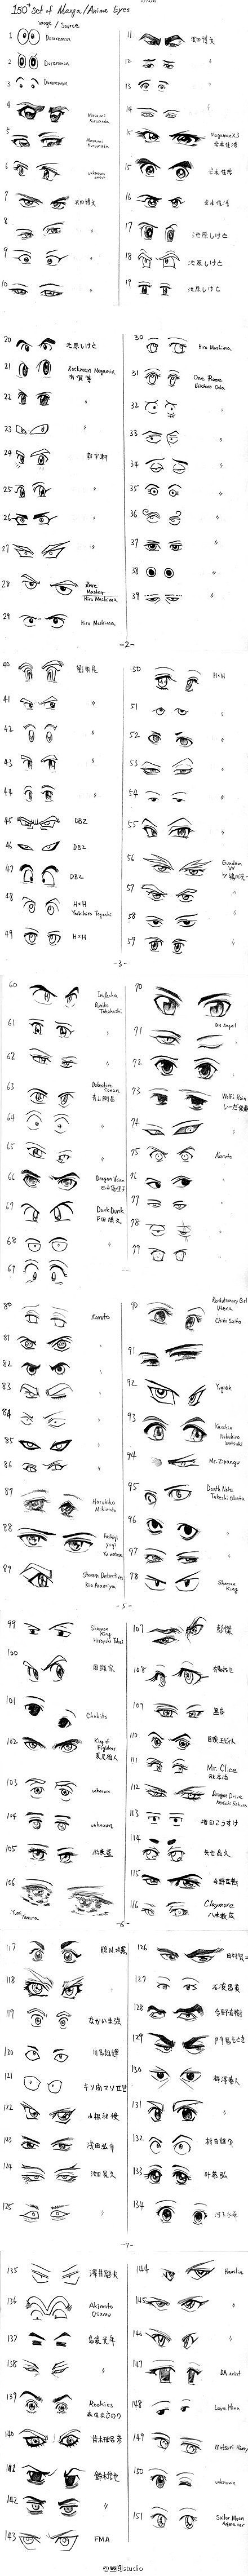 151种漫画眼睛画法